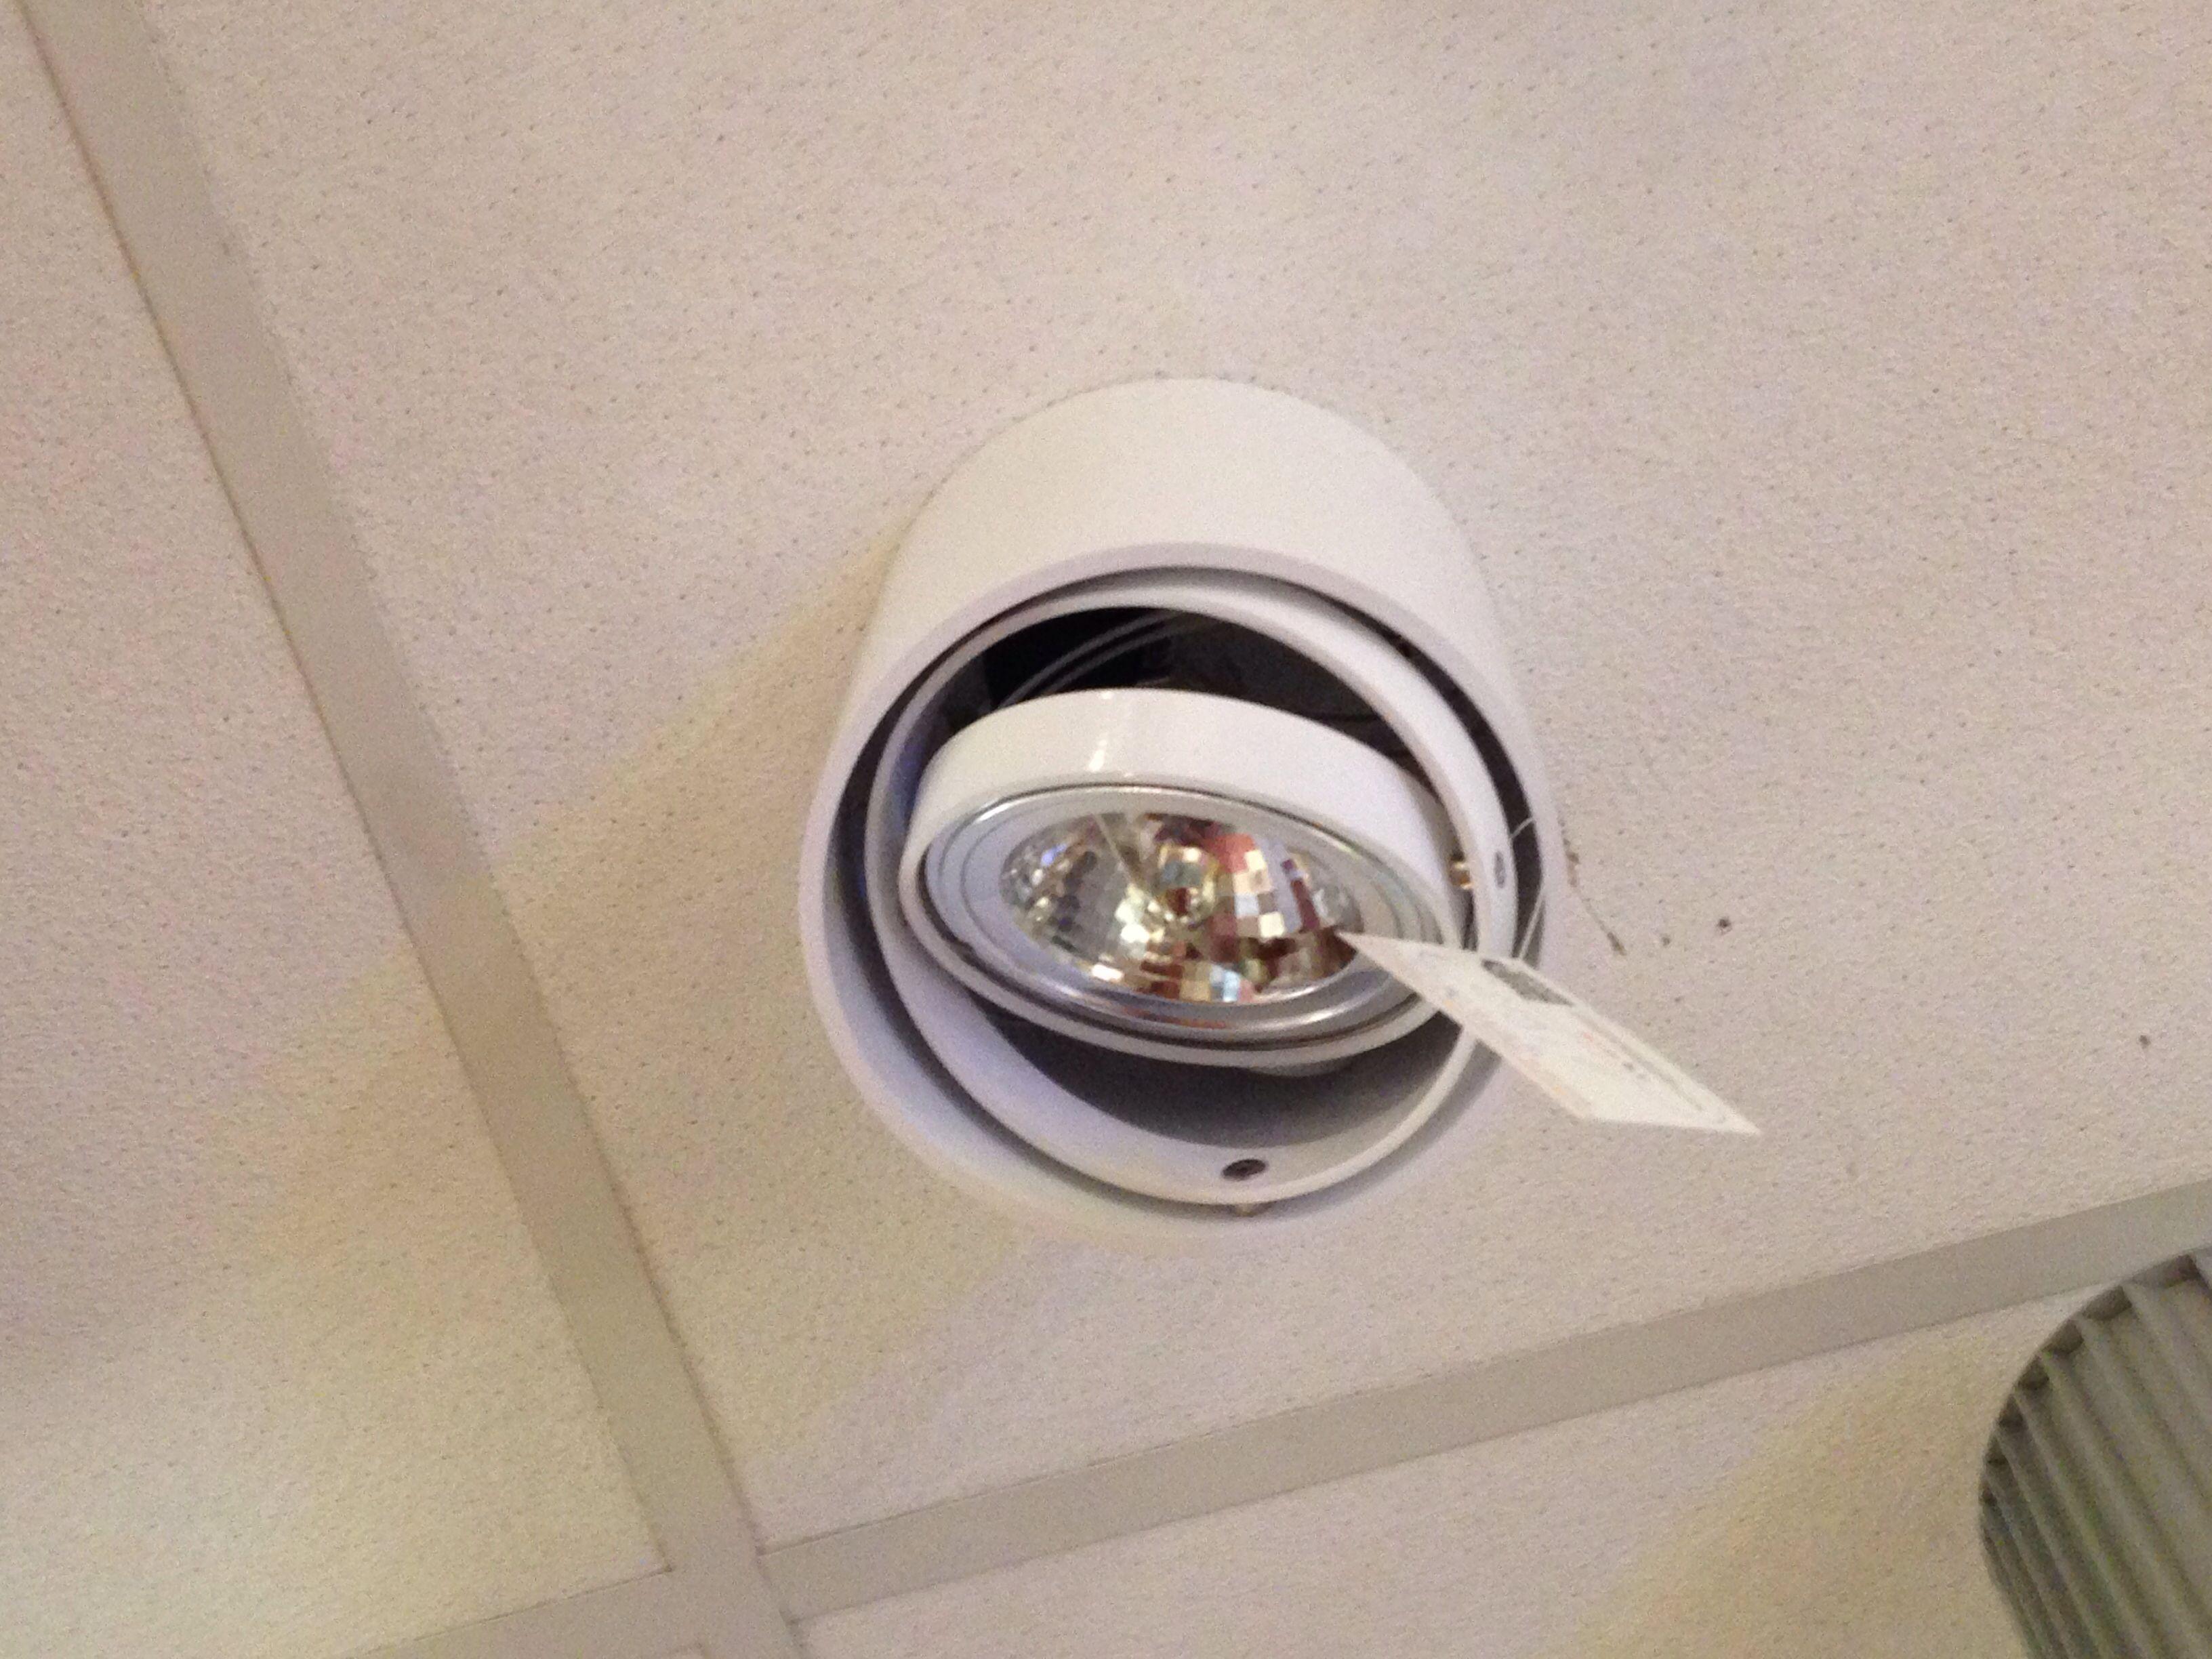 Special v Aerts verlichting eindhoven | Verlichting huis | Pinterest ...